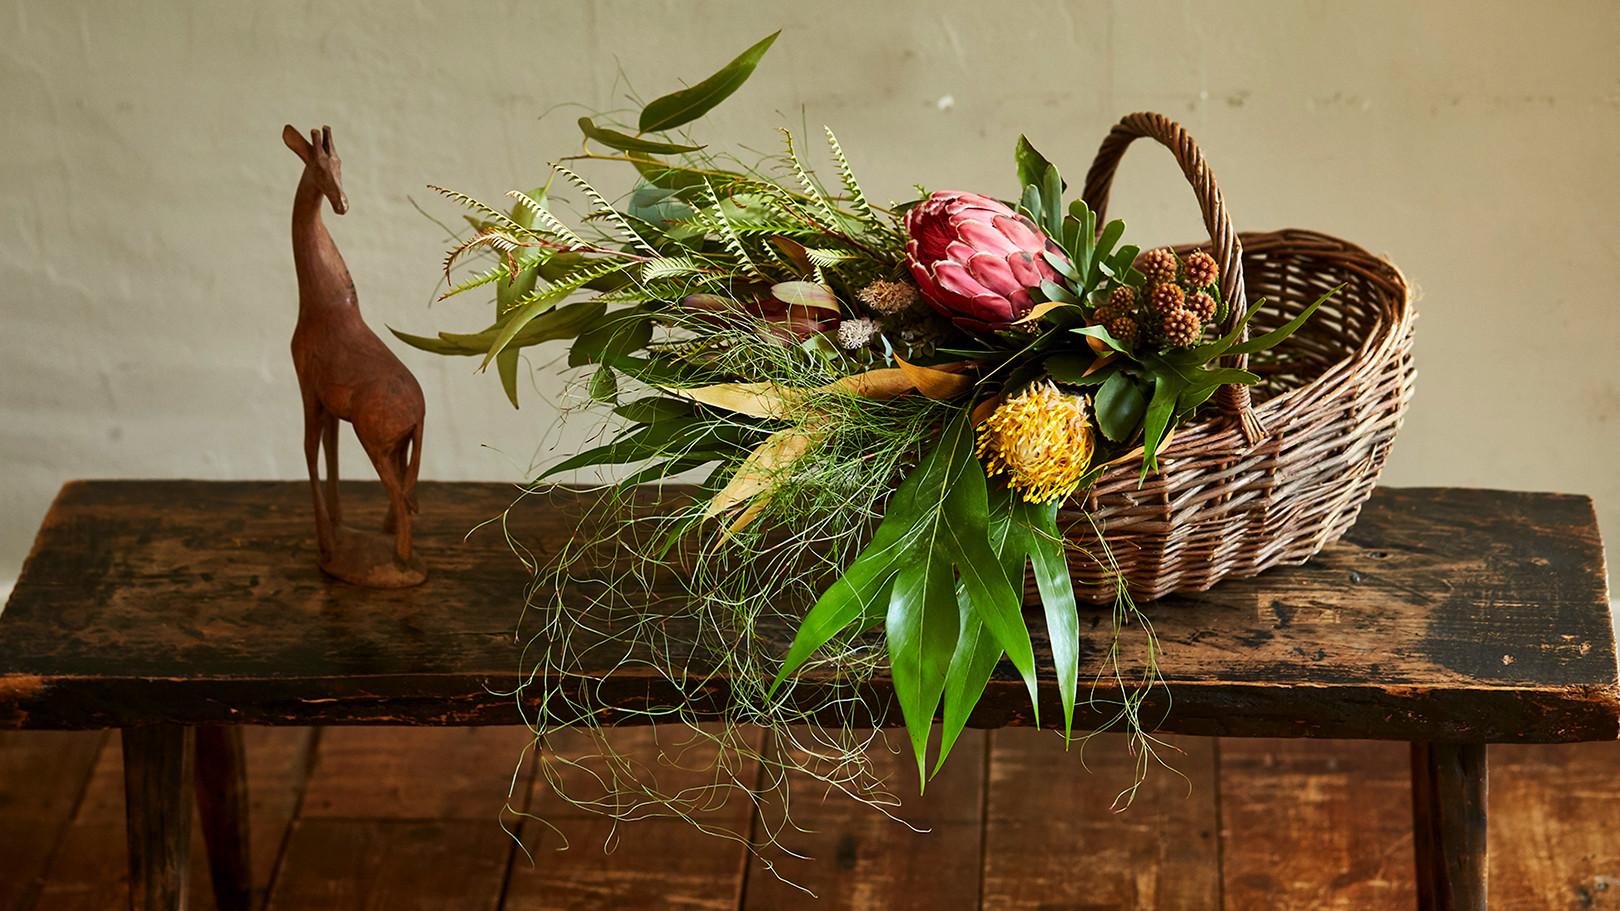 『世界の花屋』グランドオープン!アフリカの草花を集めたPop up storeと南アフリカプロテア農家のワークショップのお知らせです